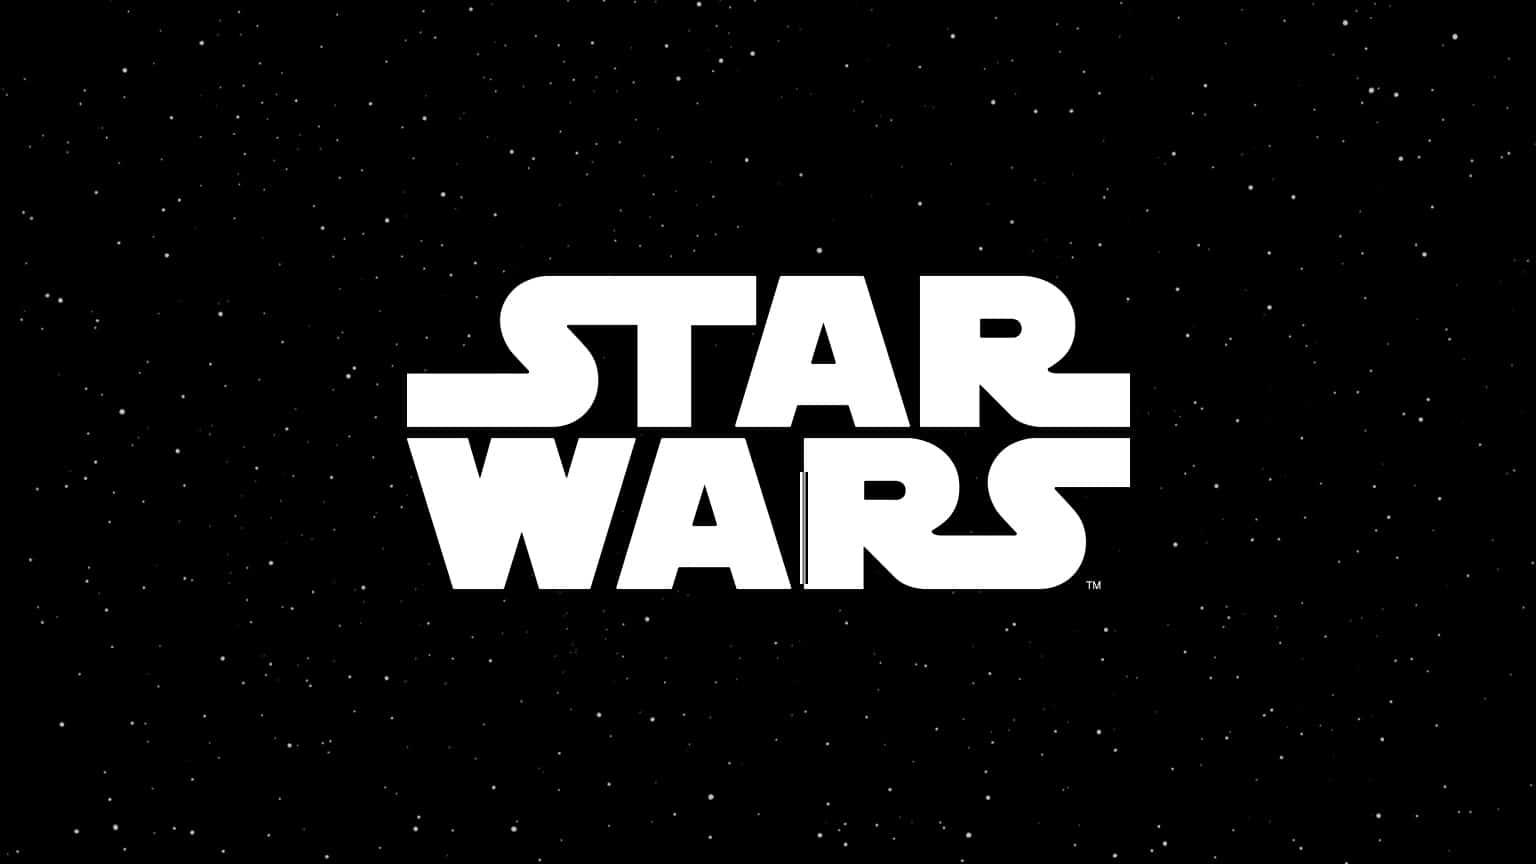 TOP 6 Star Wars filmov, podľa hodnotenia na ČSFD